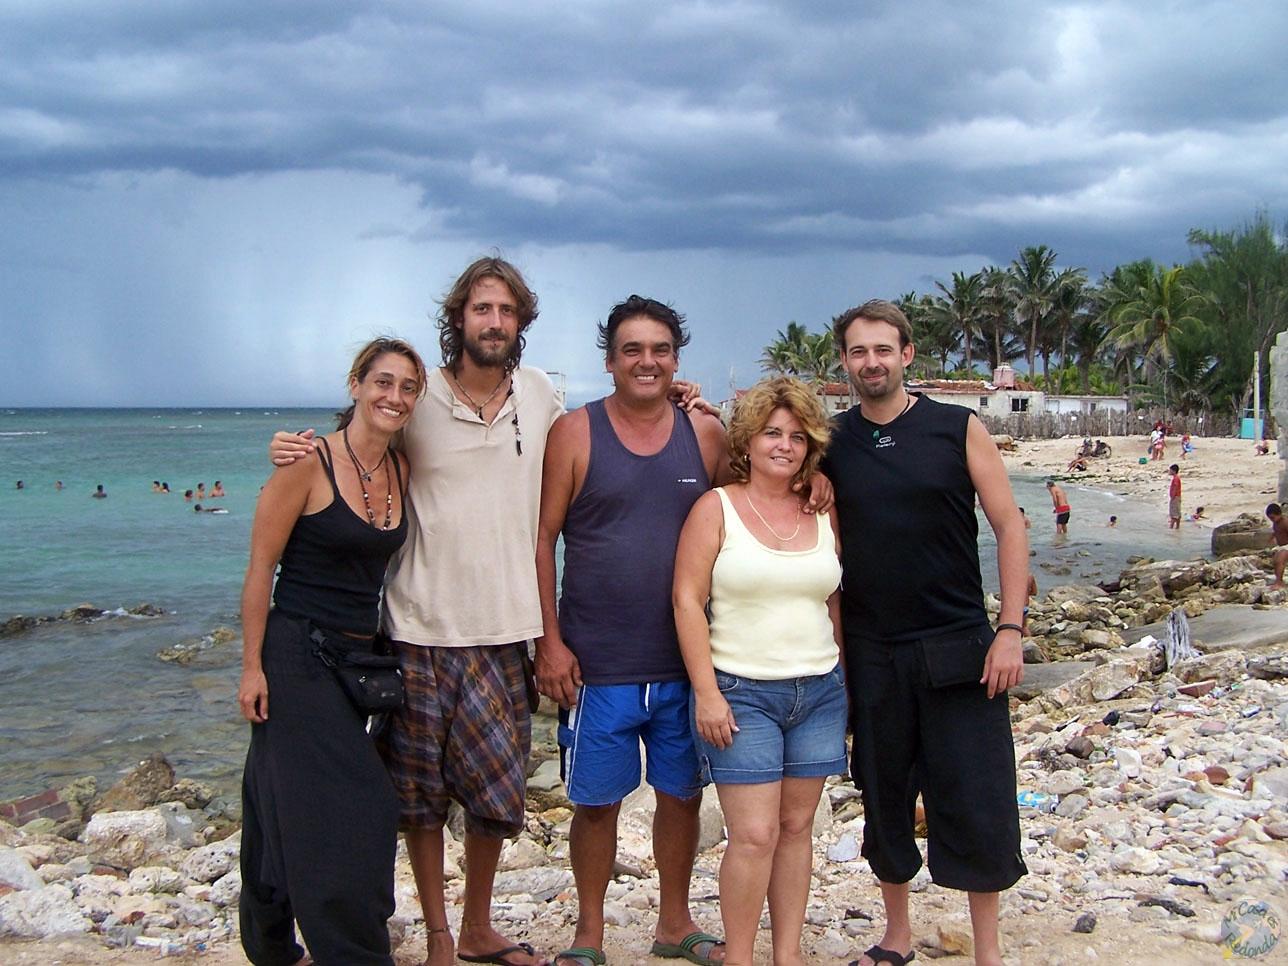 Última foto de nuestro viaje!